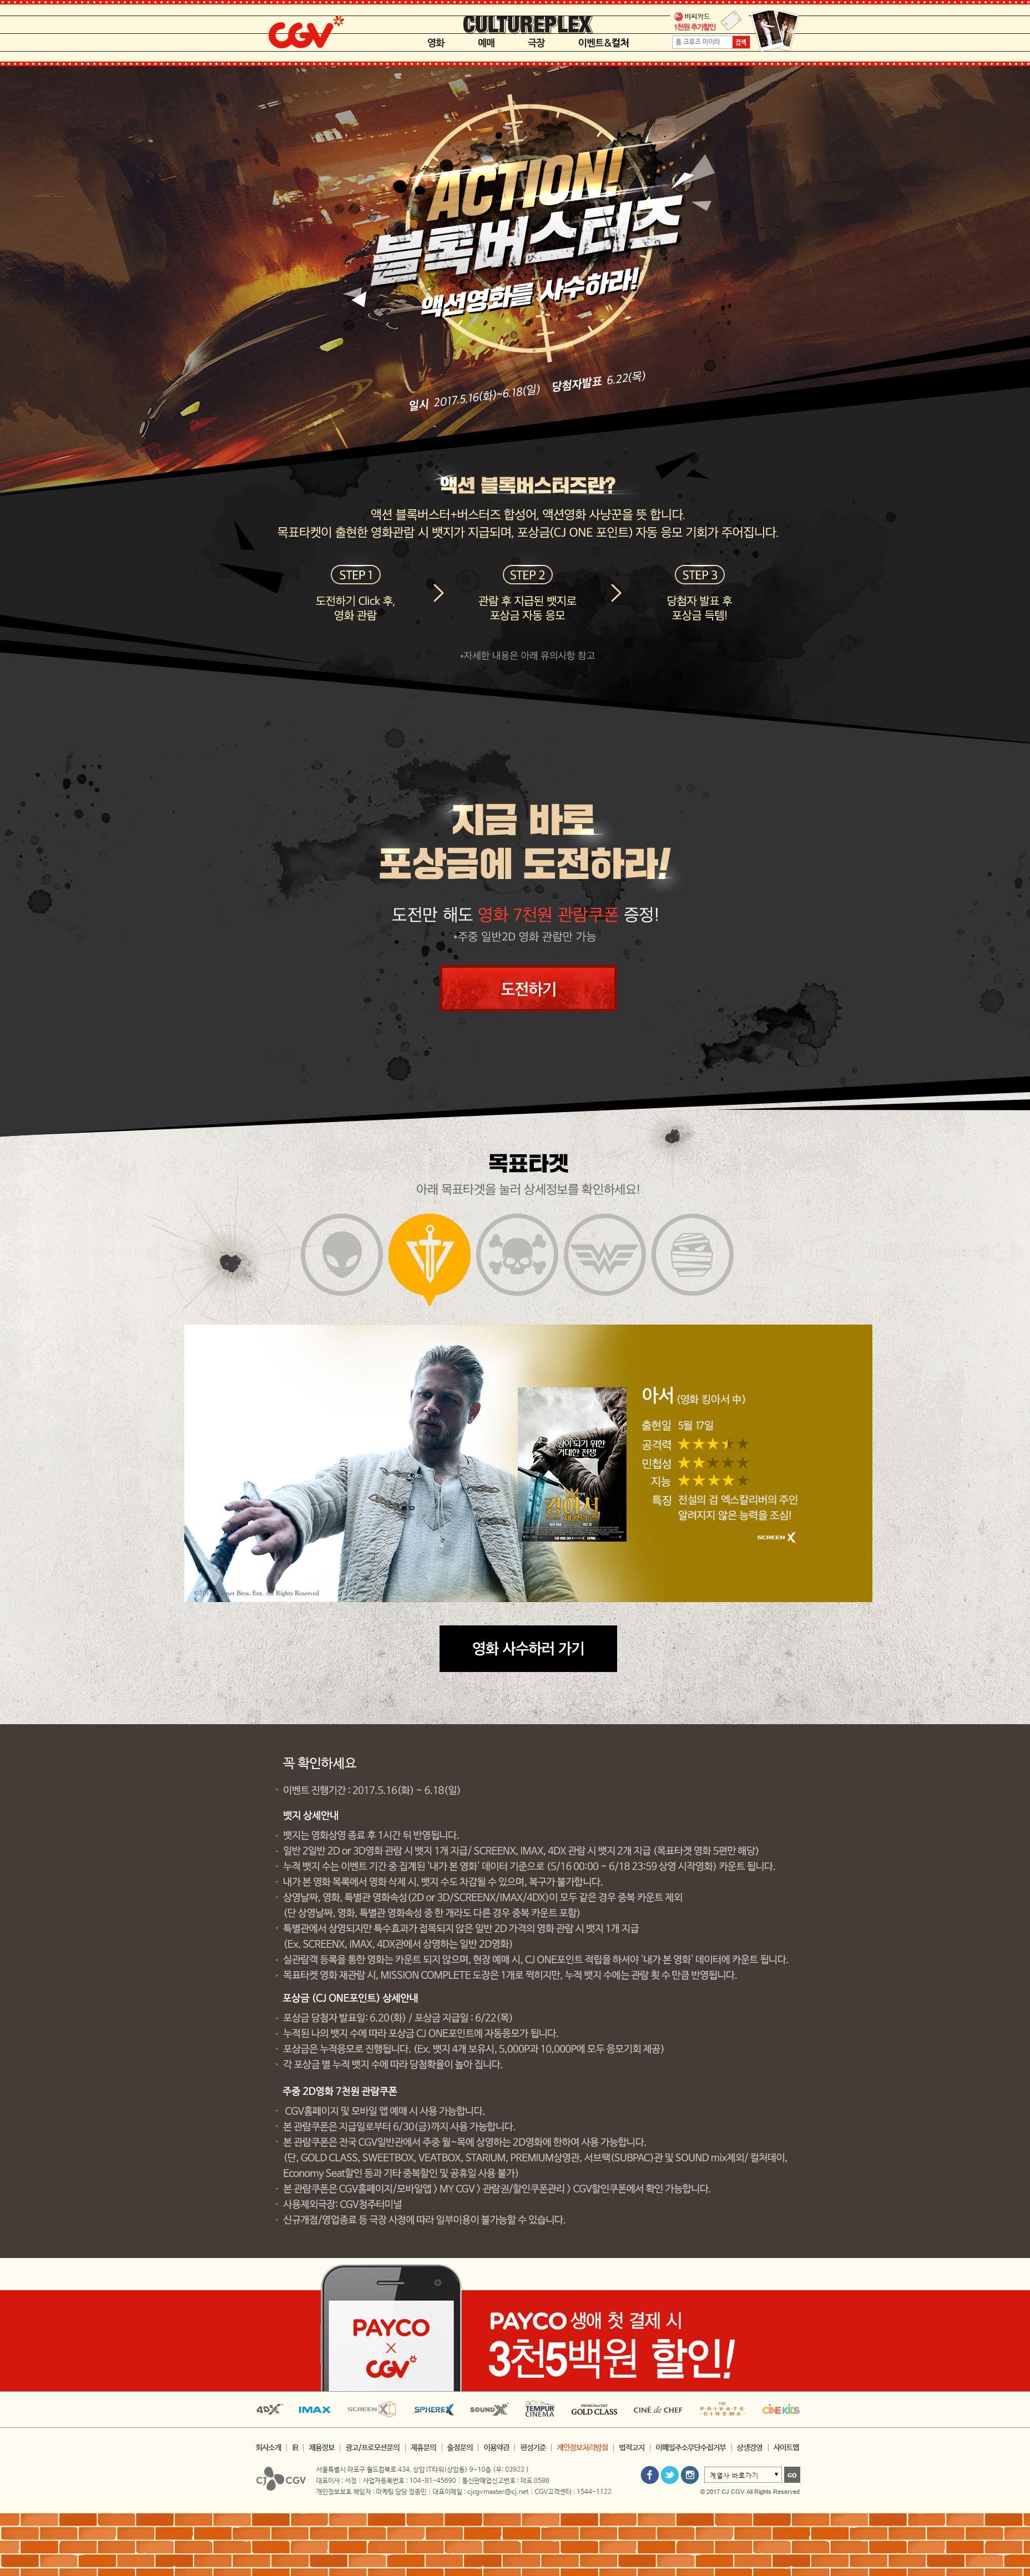 Pin de WordPress Guru en One page website | Pinterest